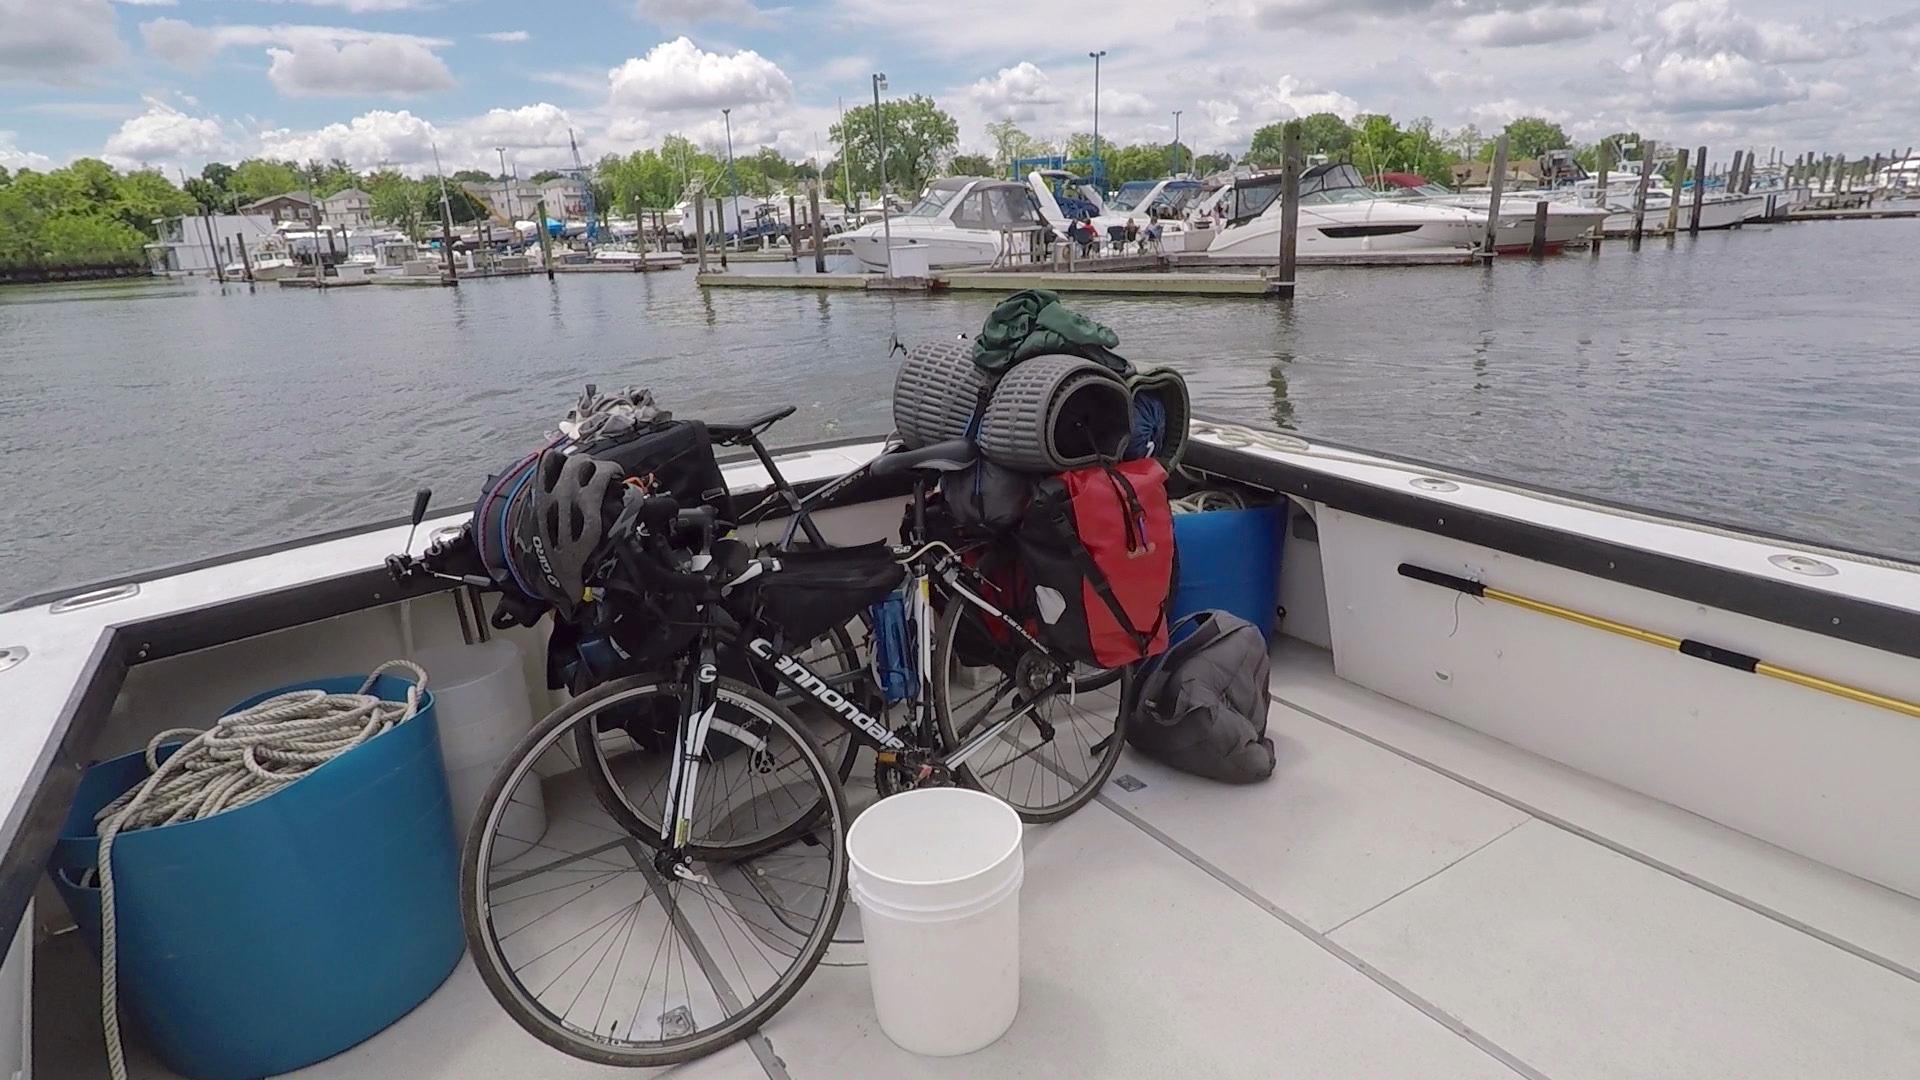 Bike on Boat.jpg